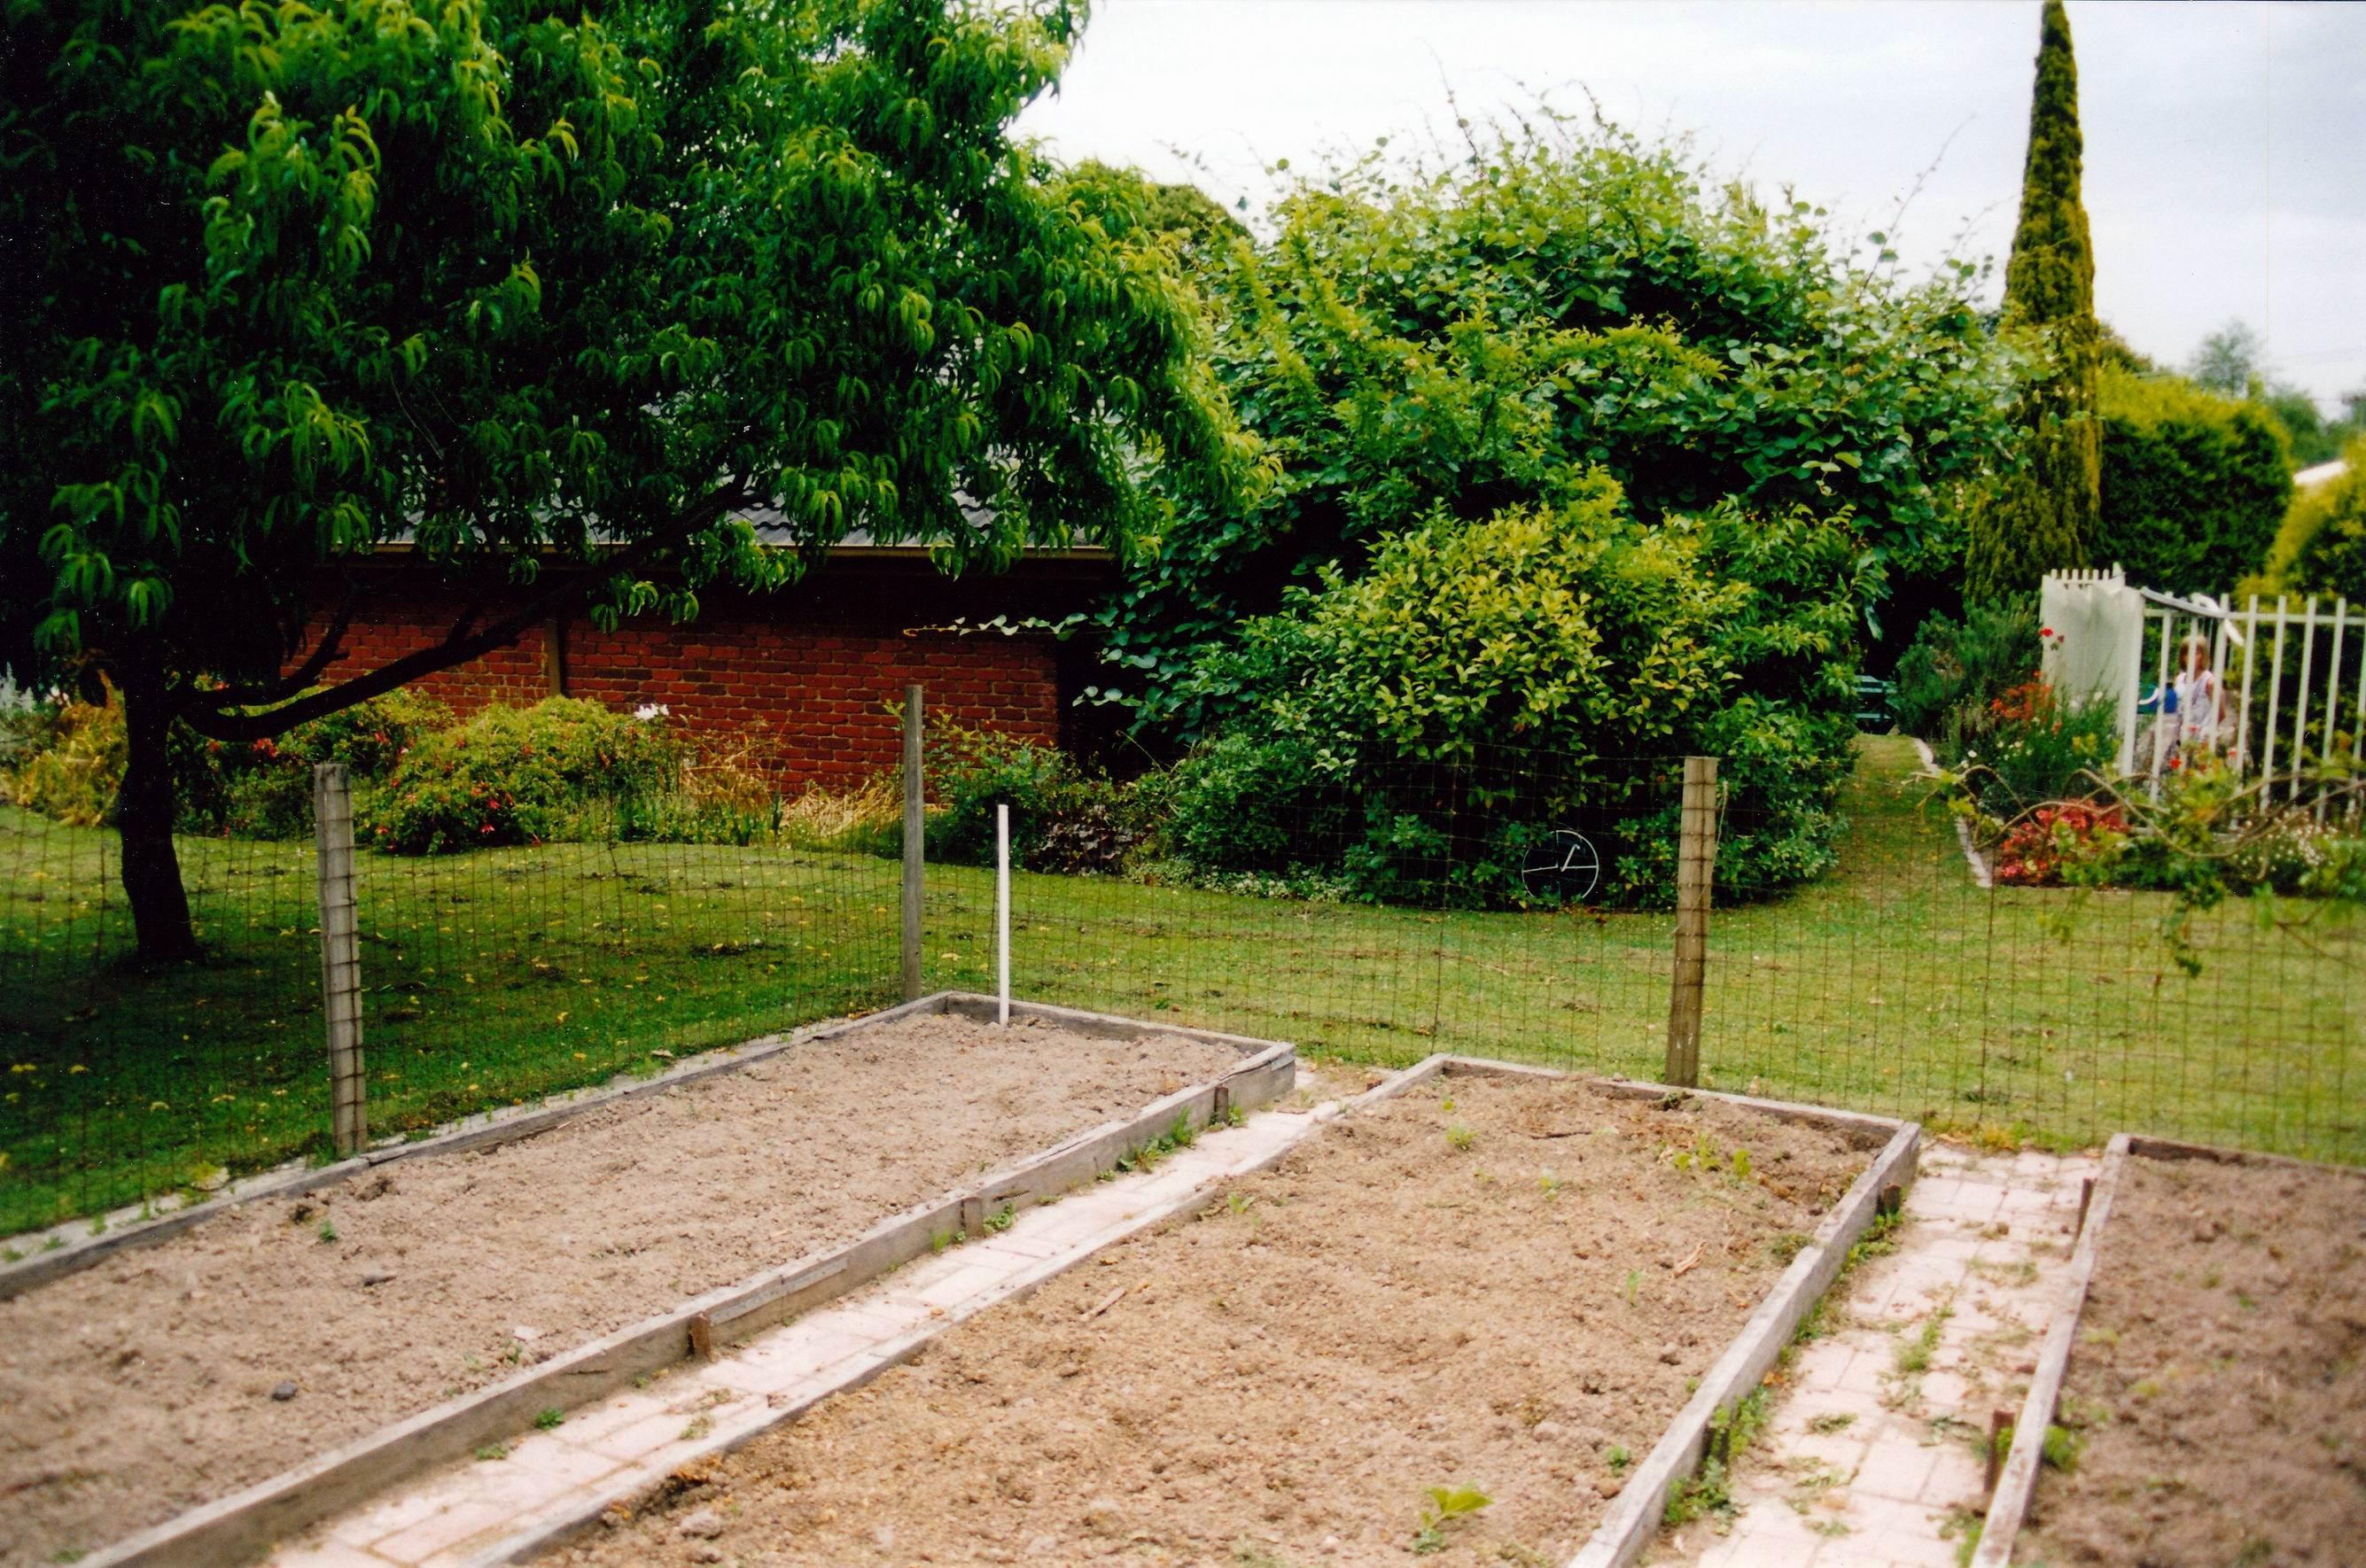 Resize of 12-21-2002 veg garden at home.jpg